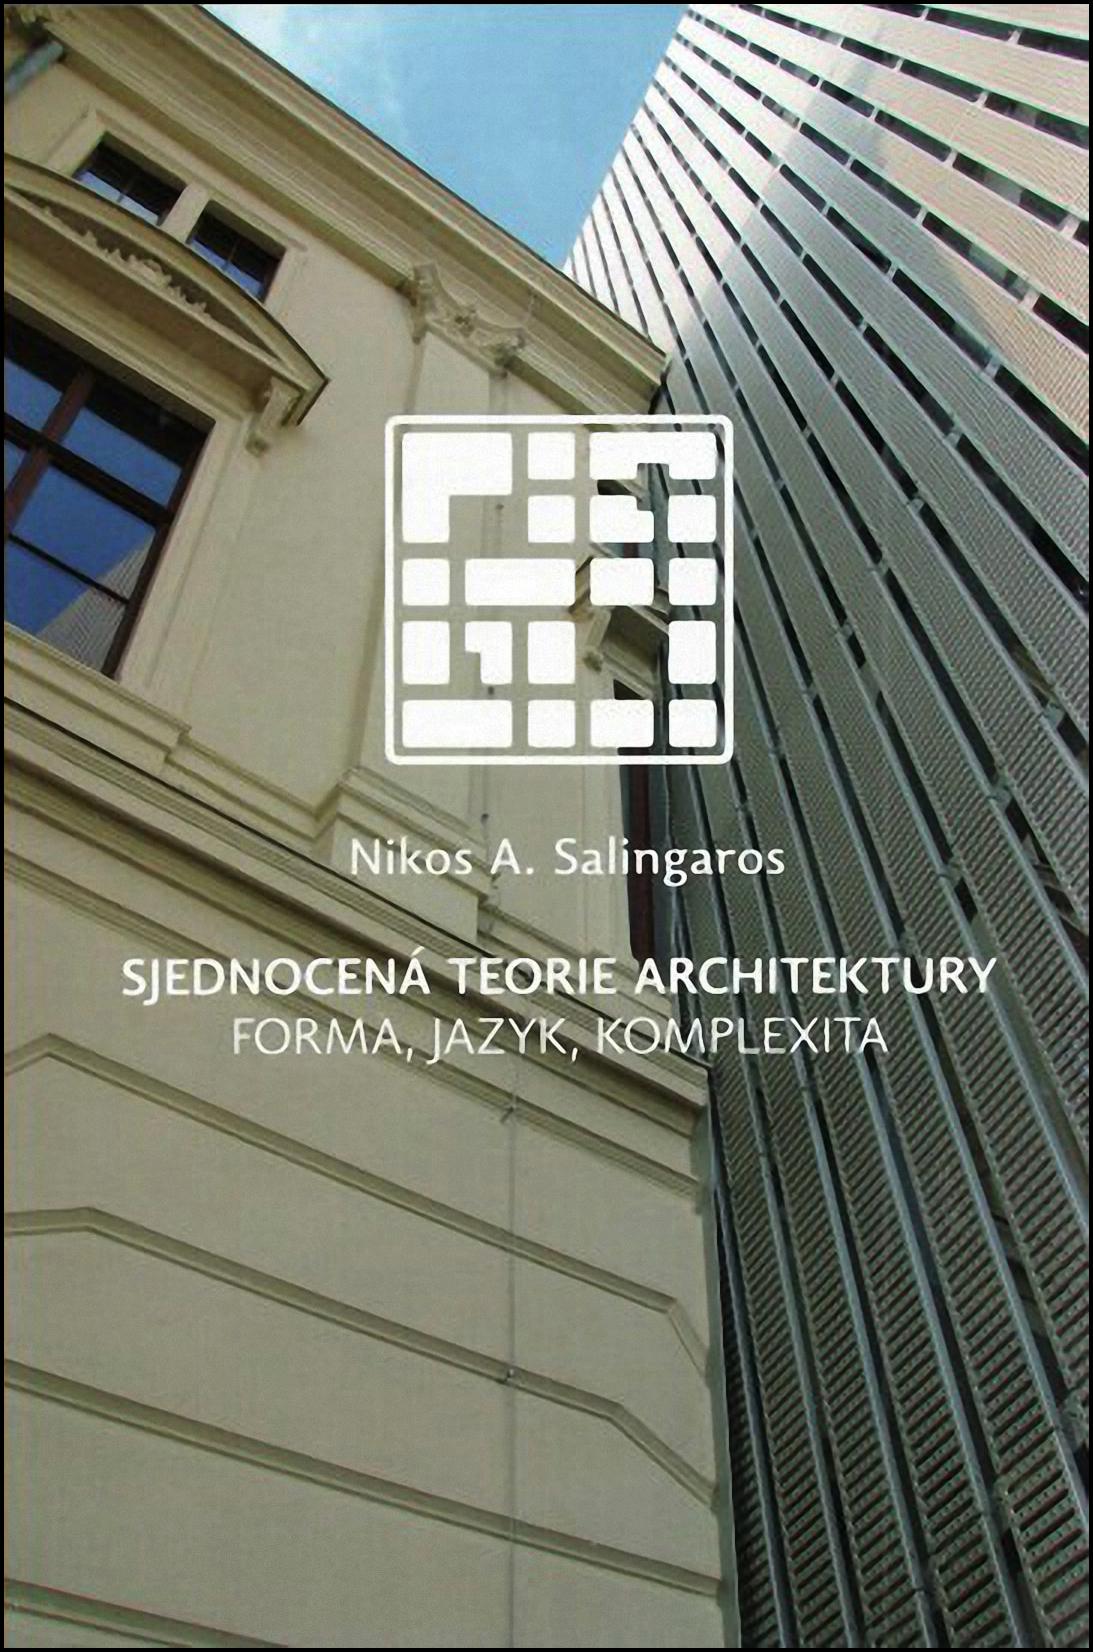 FileSalingaros Sjednocena Teorie Architektury